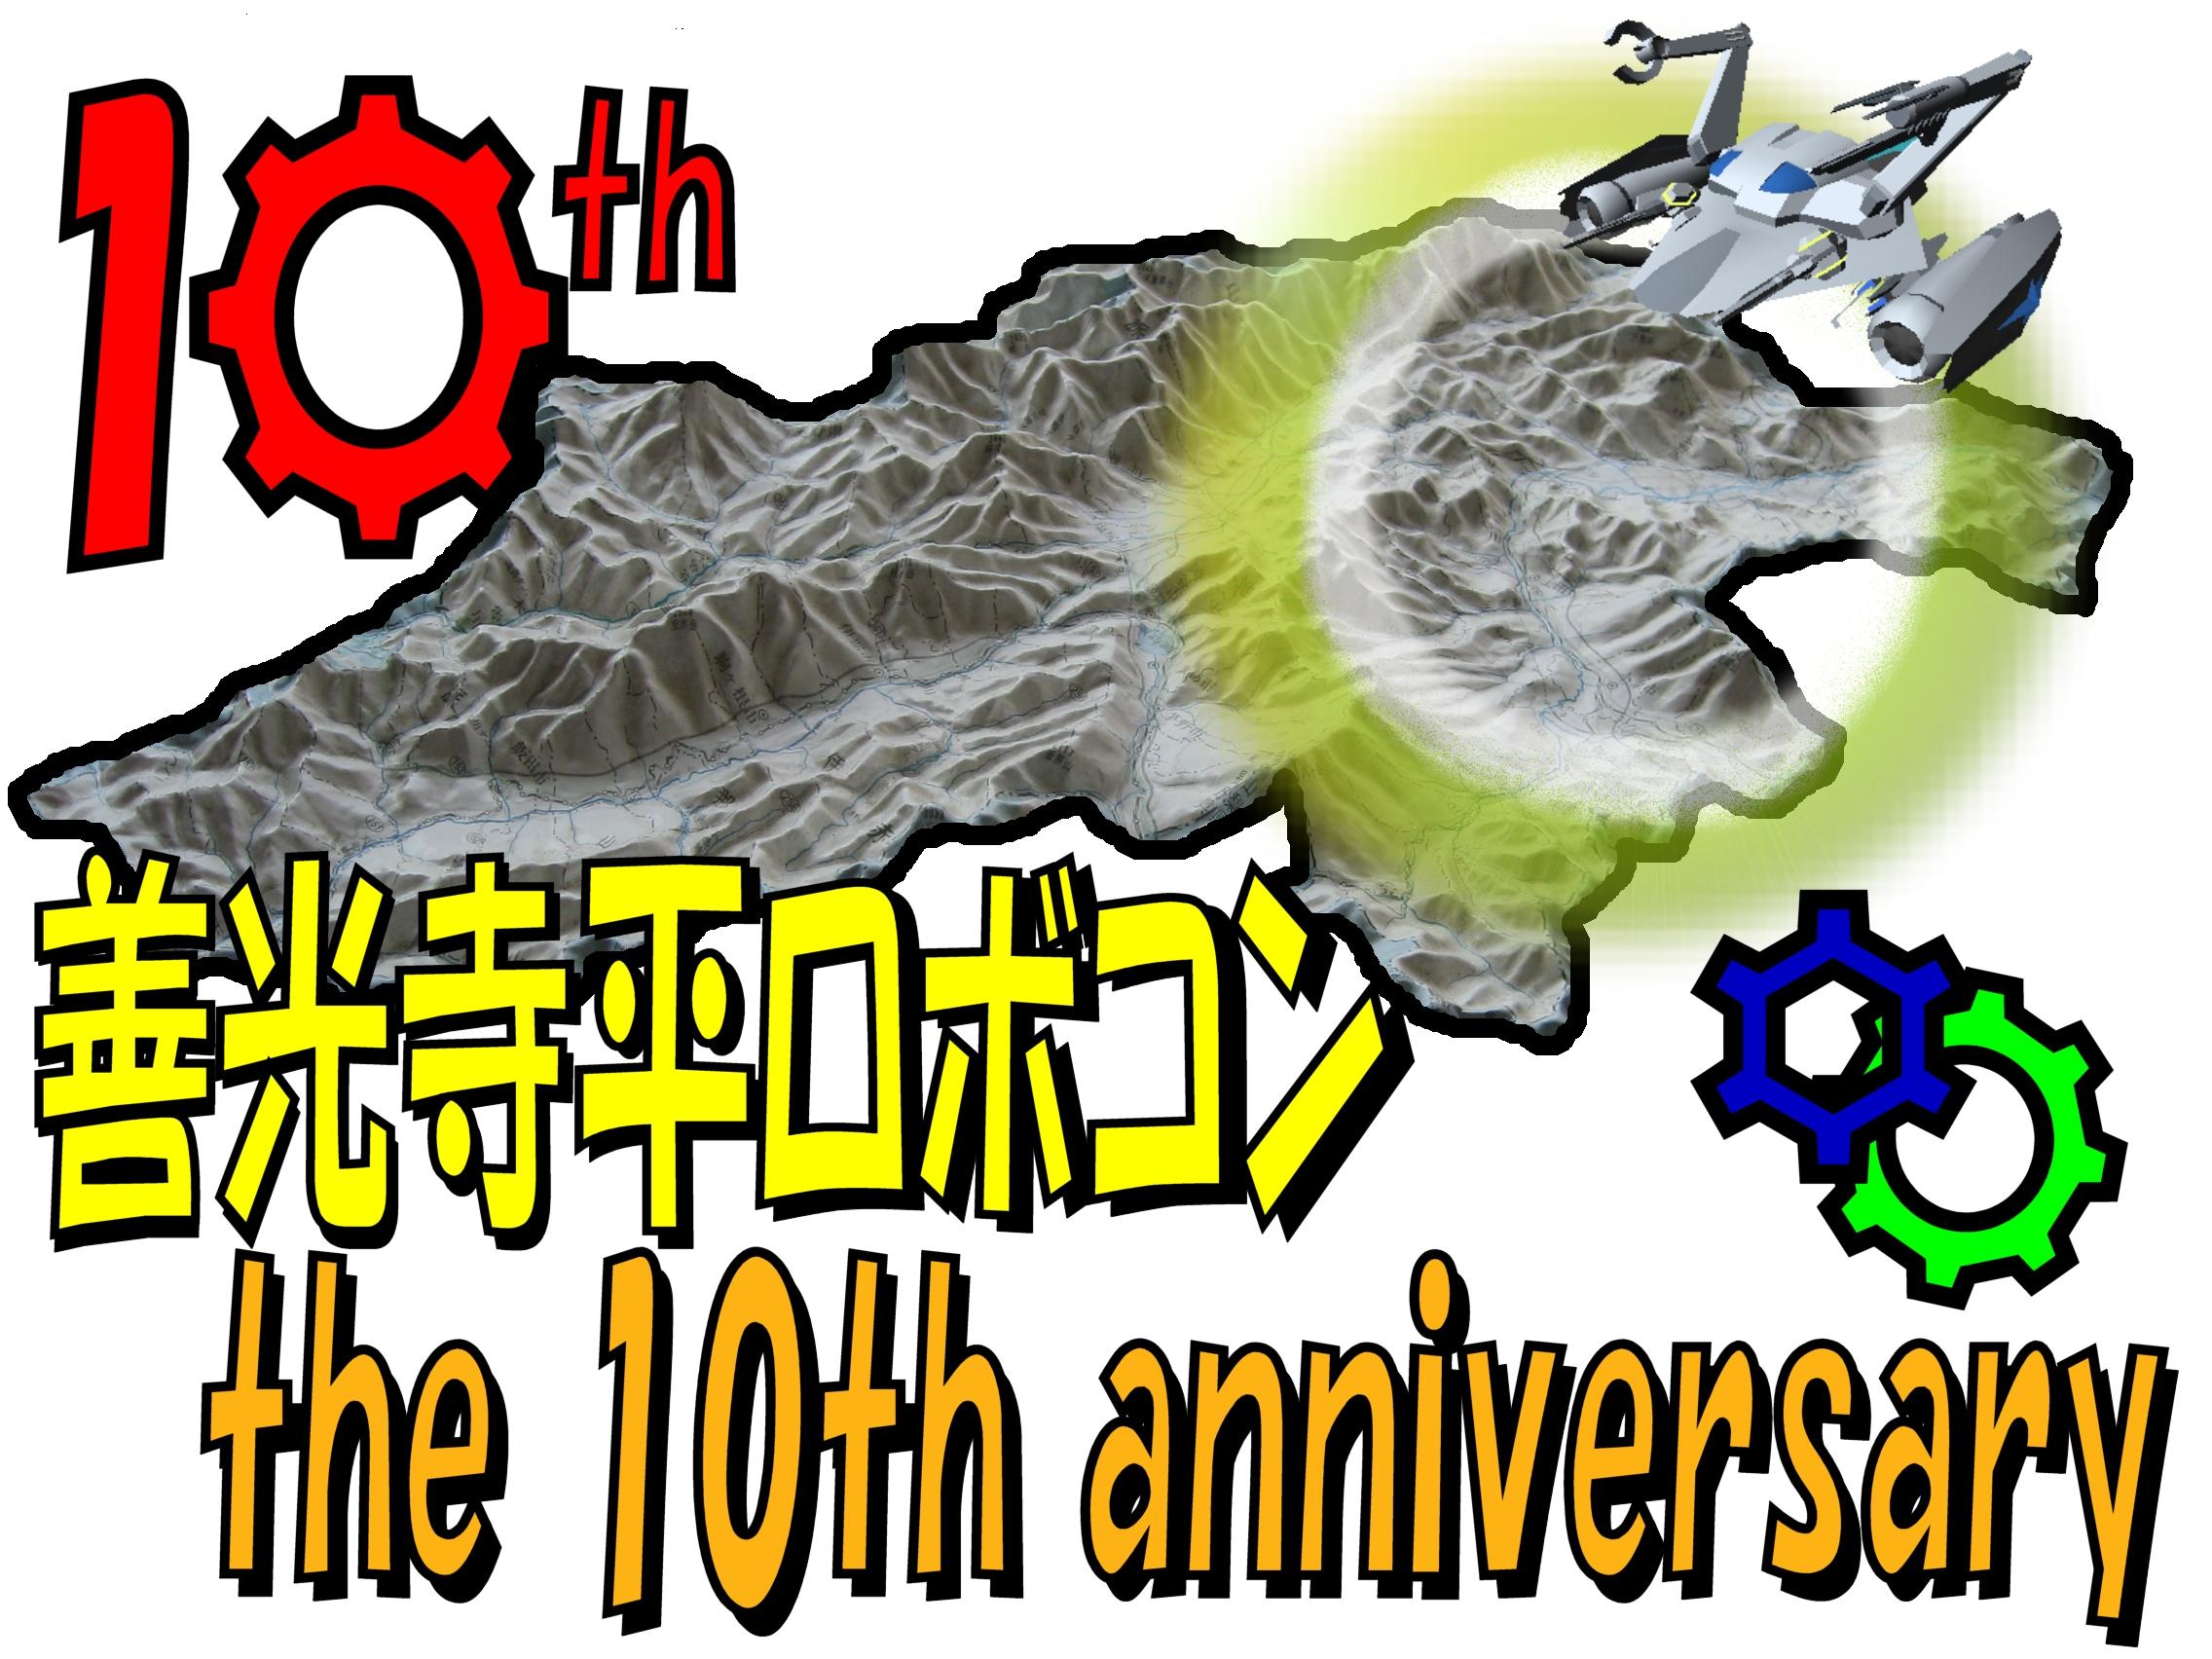 第10回 善光寺平ロボコン